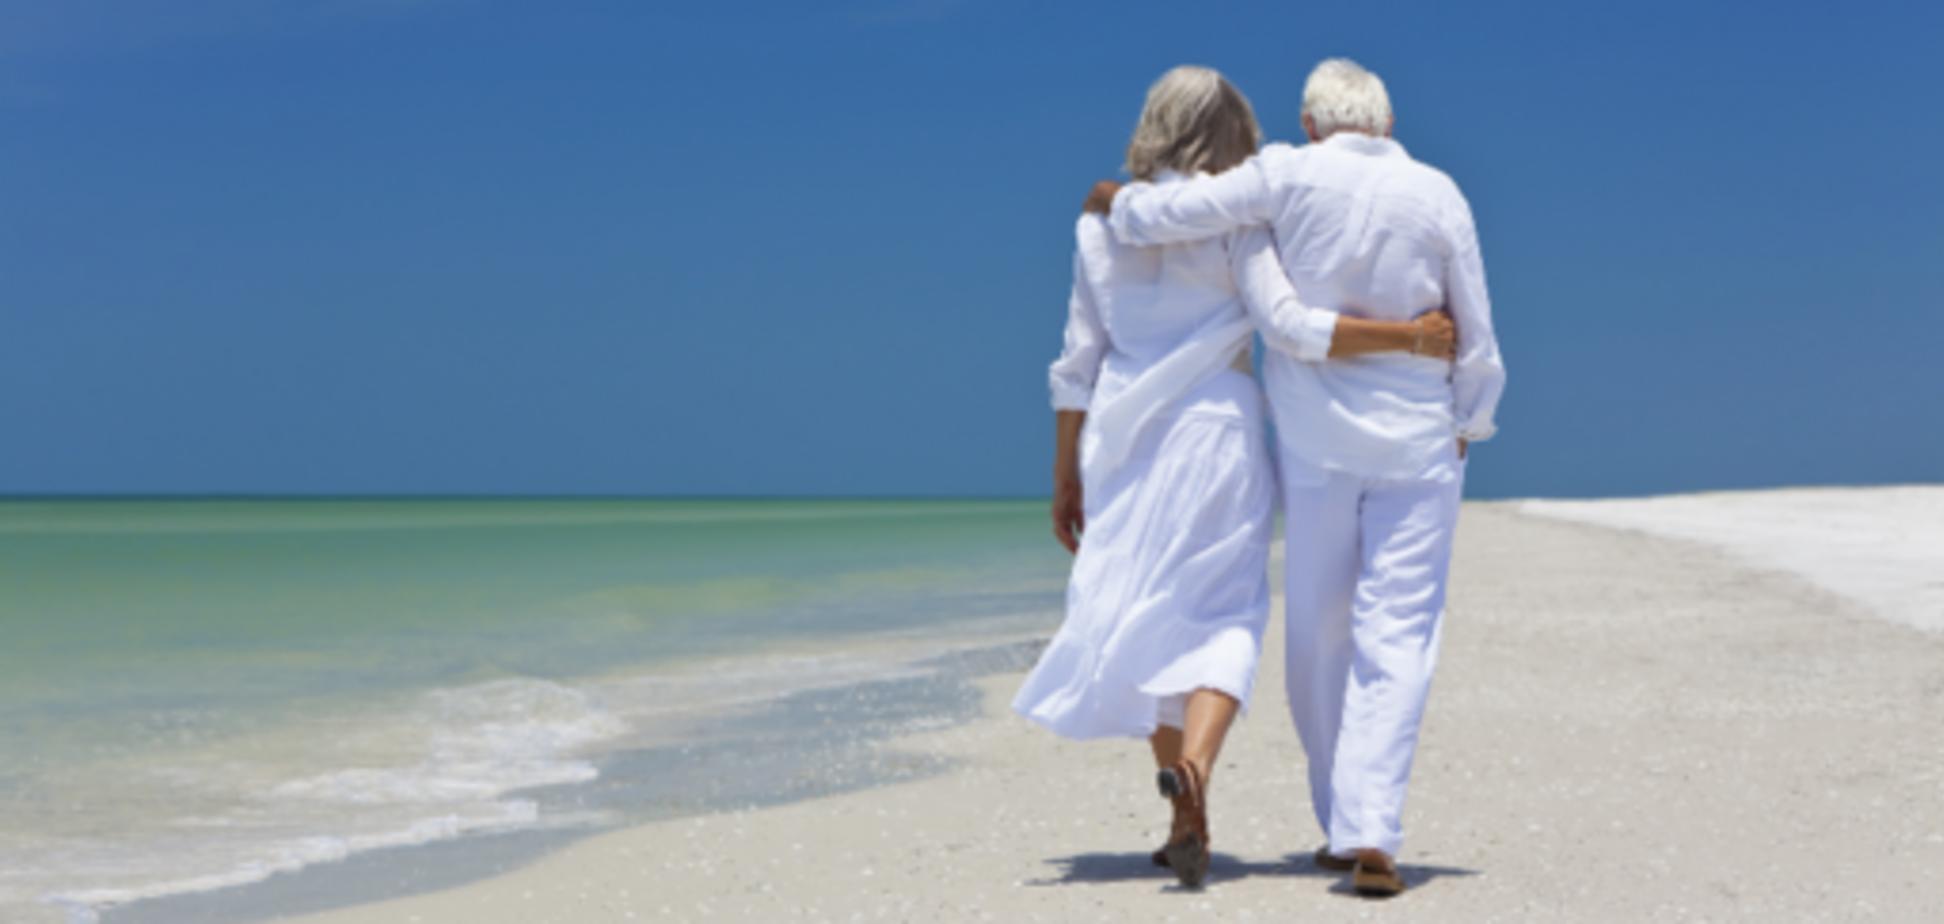 Як прожити довше за всіх: вчені назвали два фактори